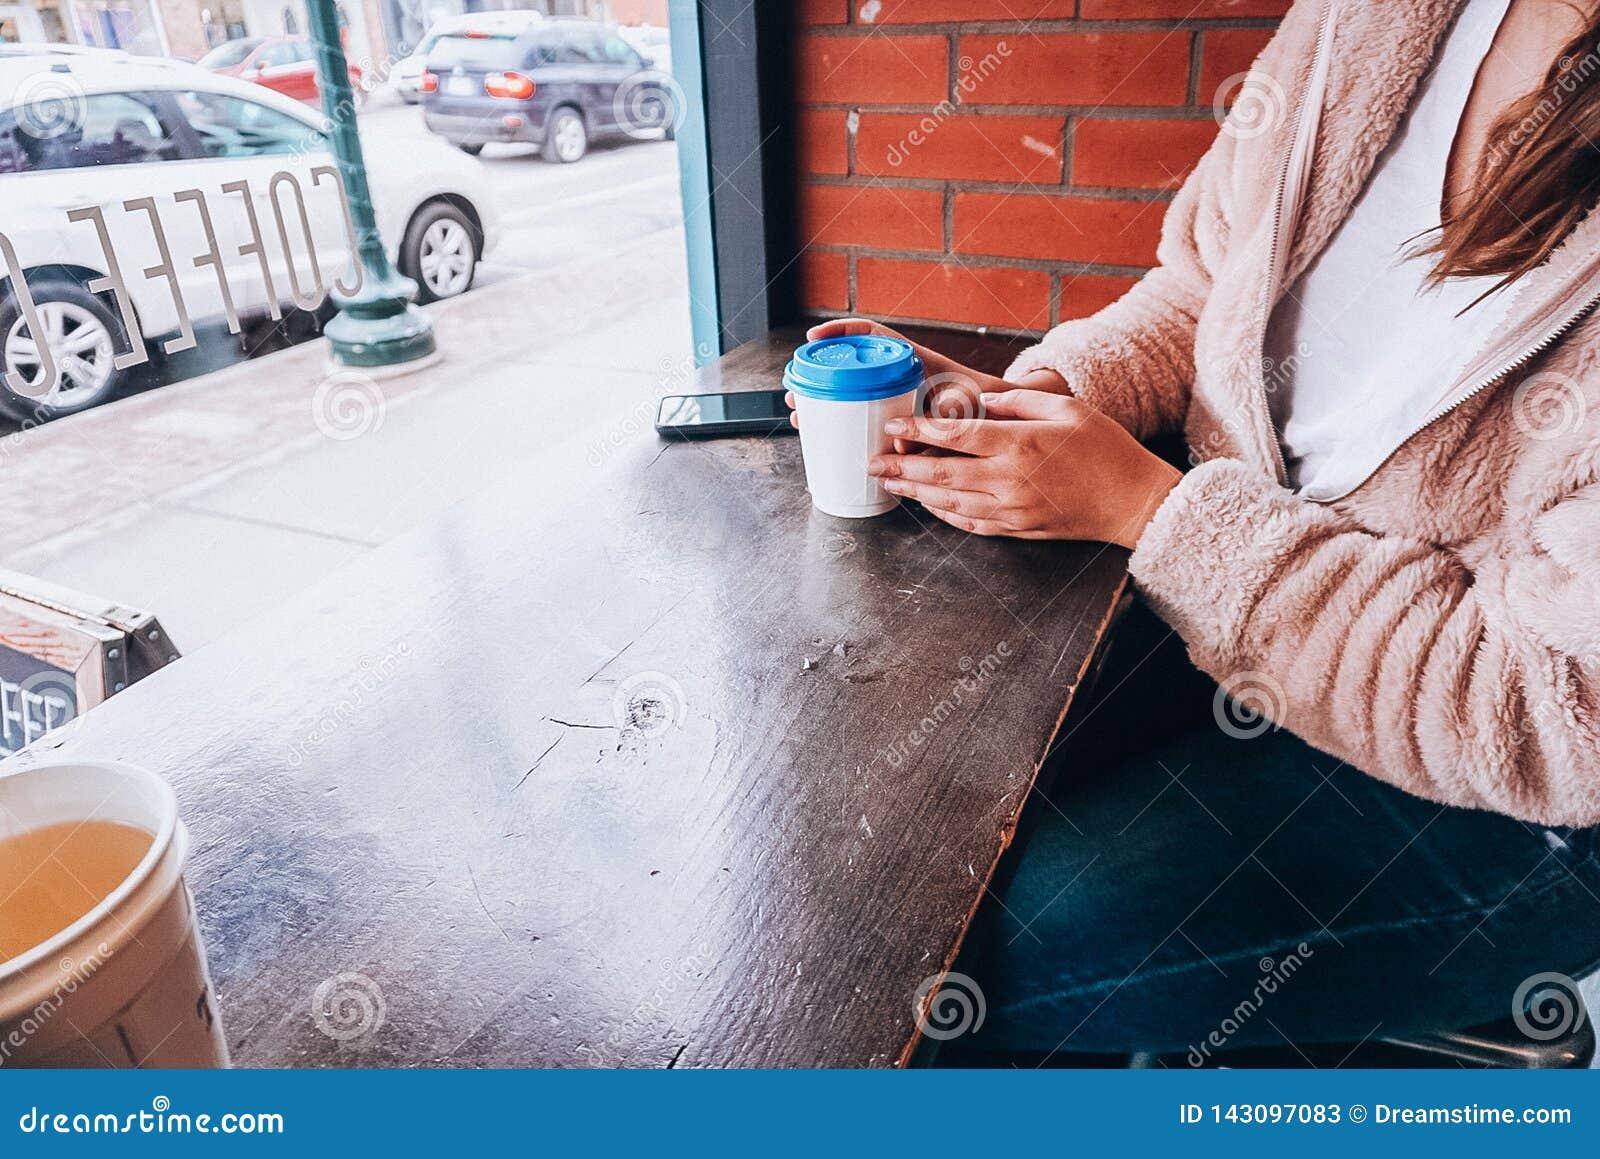 Uma menina que guarda uma xícara de café com uma tampa azul